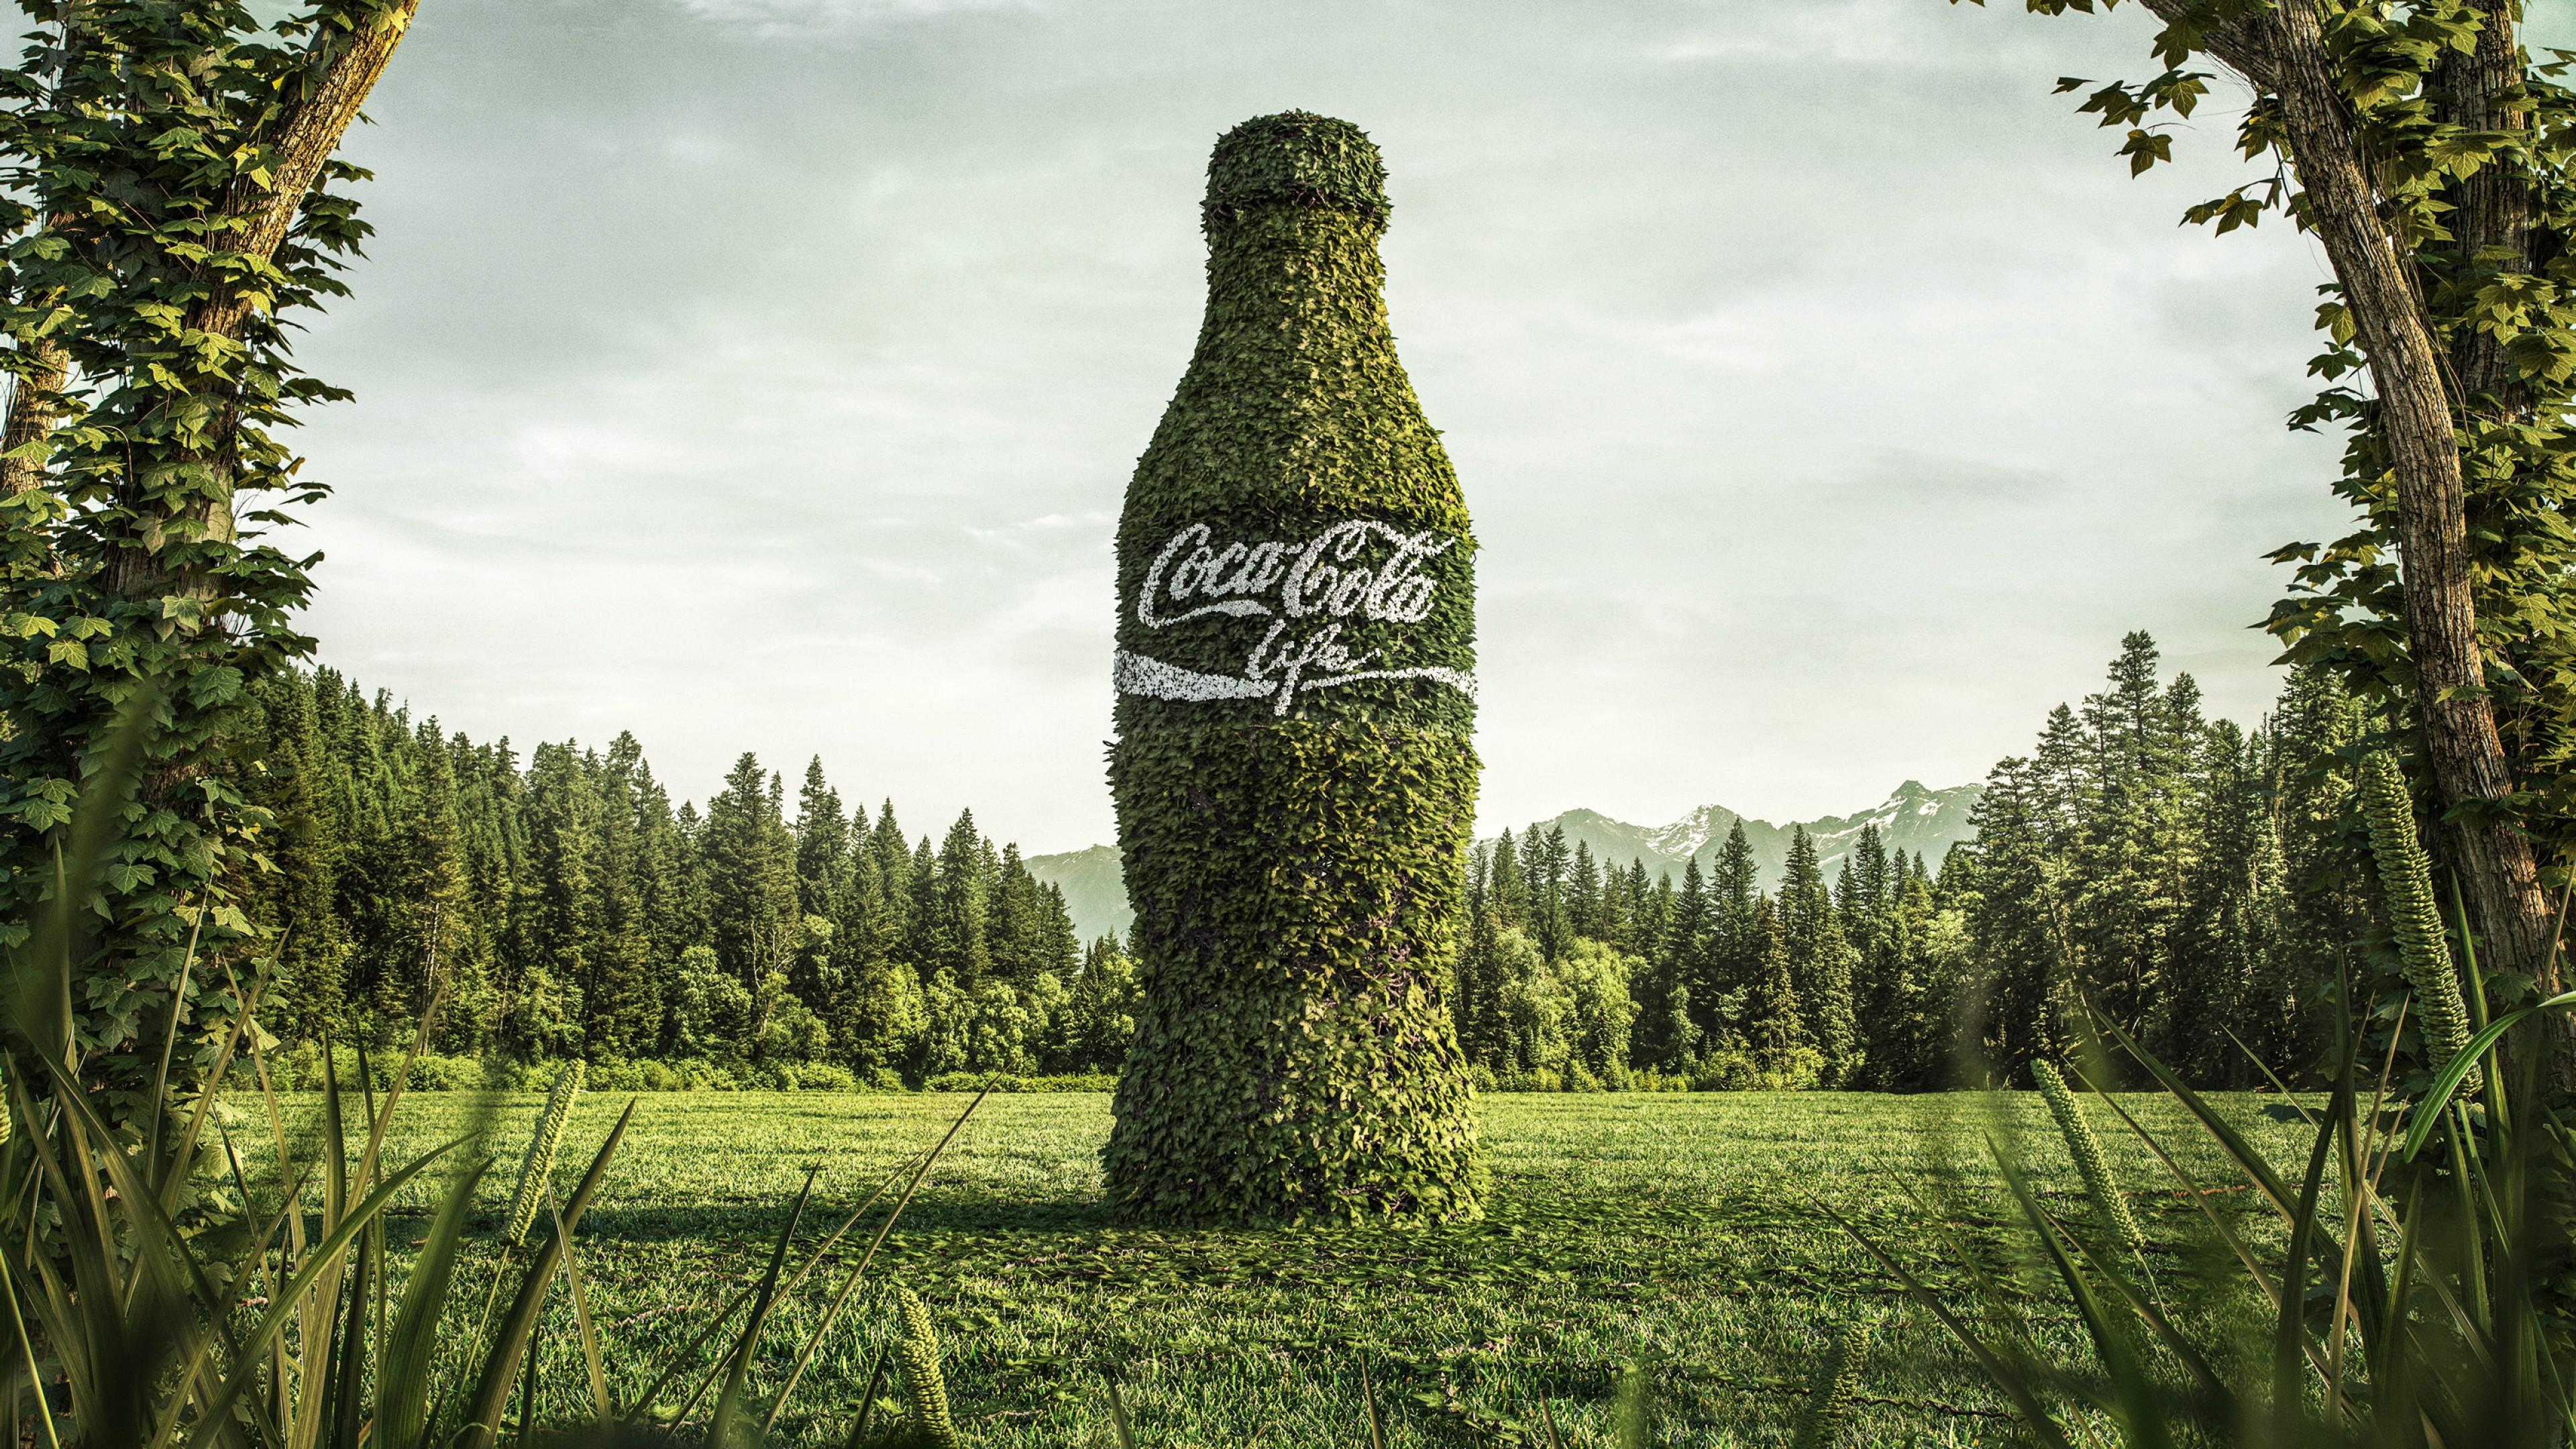 Большая бутылка,окутанная молодыми зелеными листочками на лесной поляне, с надписью Кока-кола-жизнь